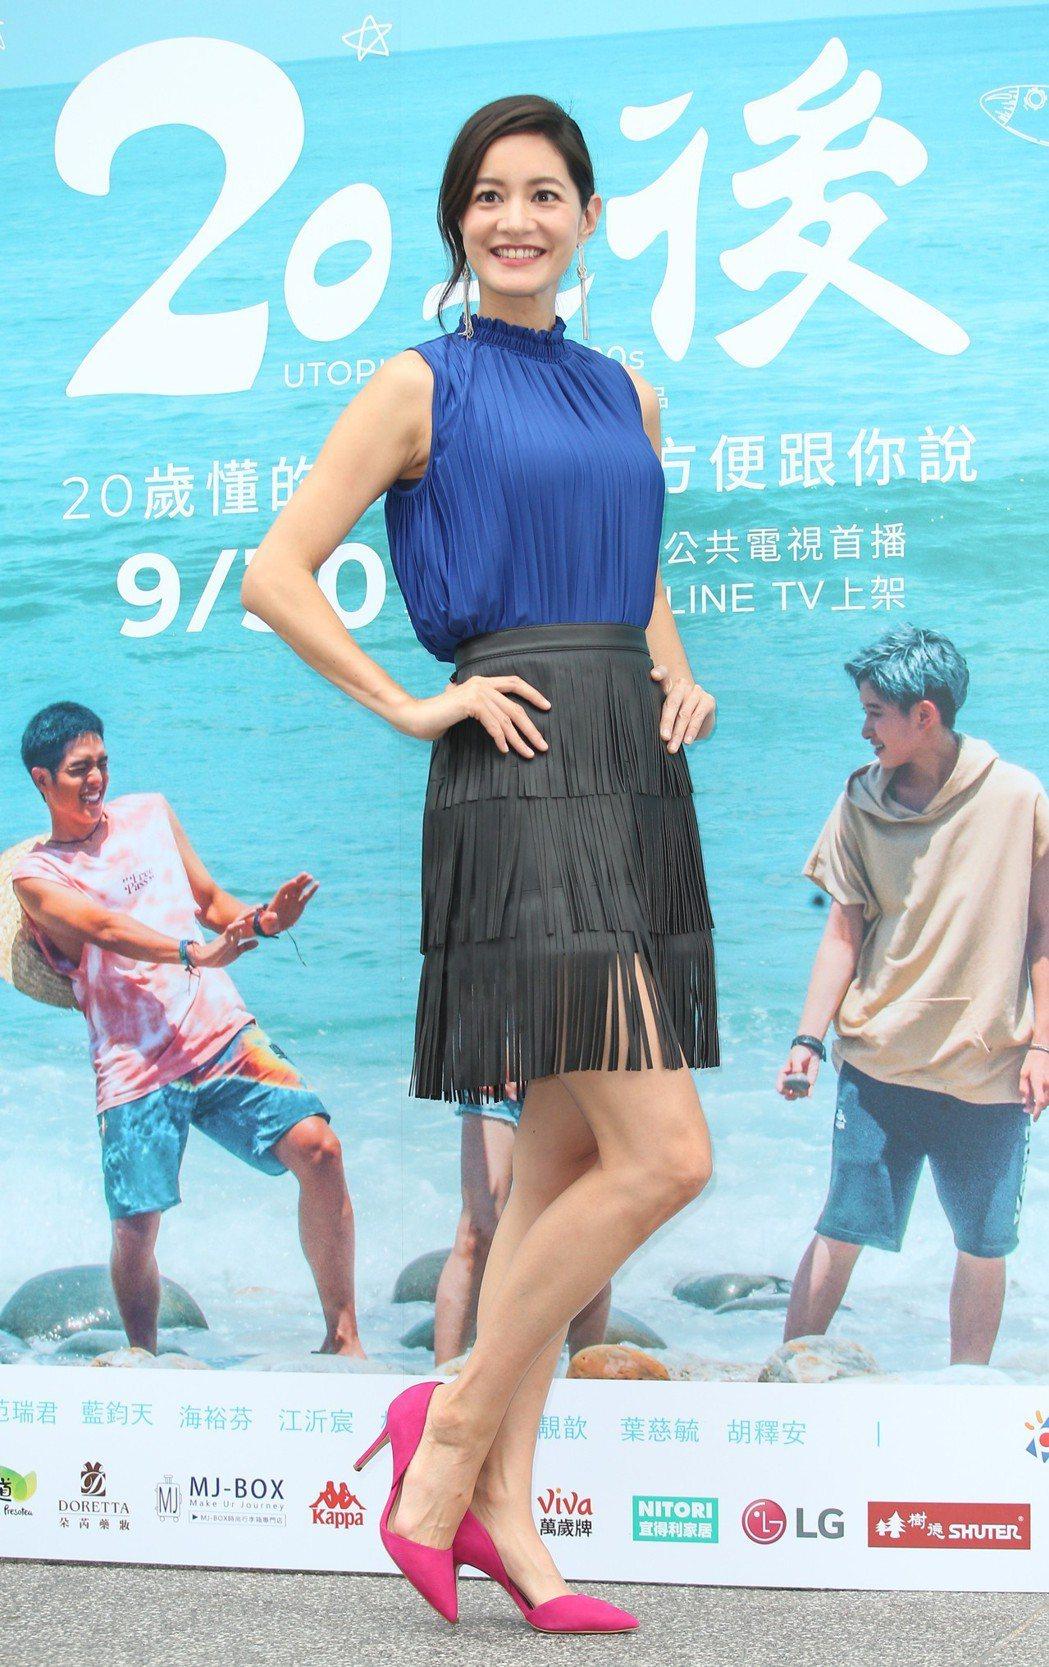 公視新戲《20之後》即將上映,Janet(謝怡芬)演出。記者陳正興/攝影